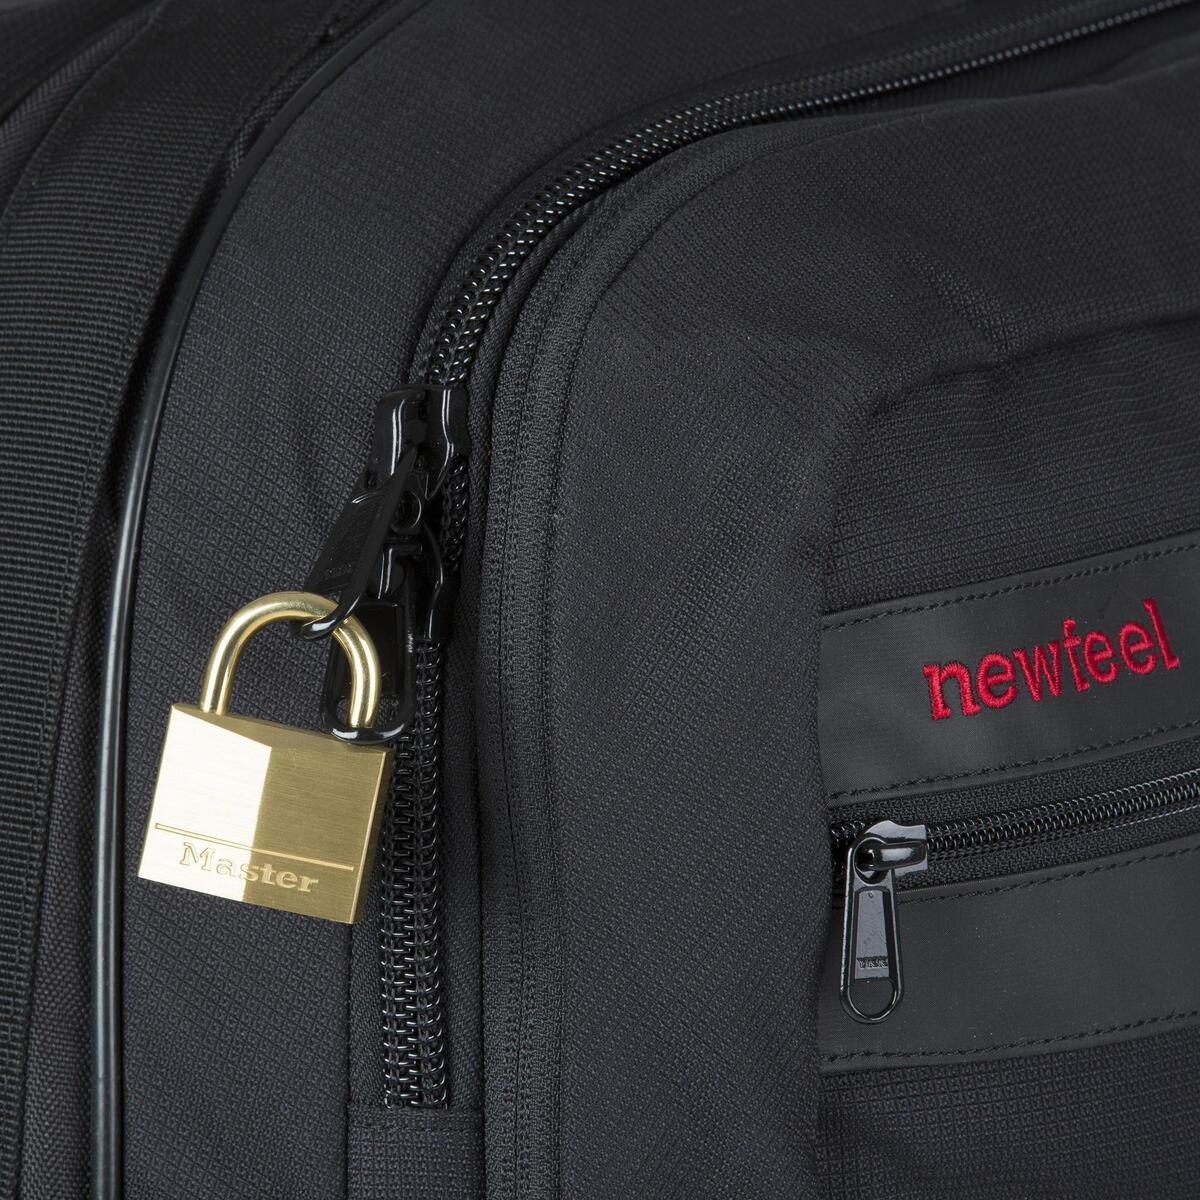 Bild 5 von TRAVEL Vorhängeschloss für Koffer 35 mm Messing mit Schlüssel